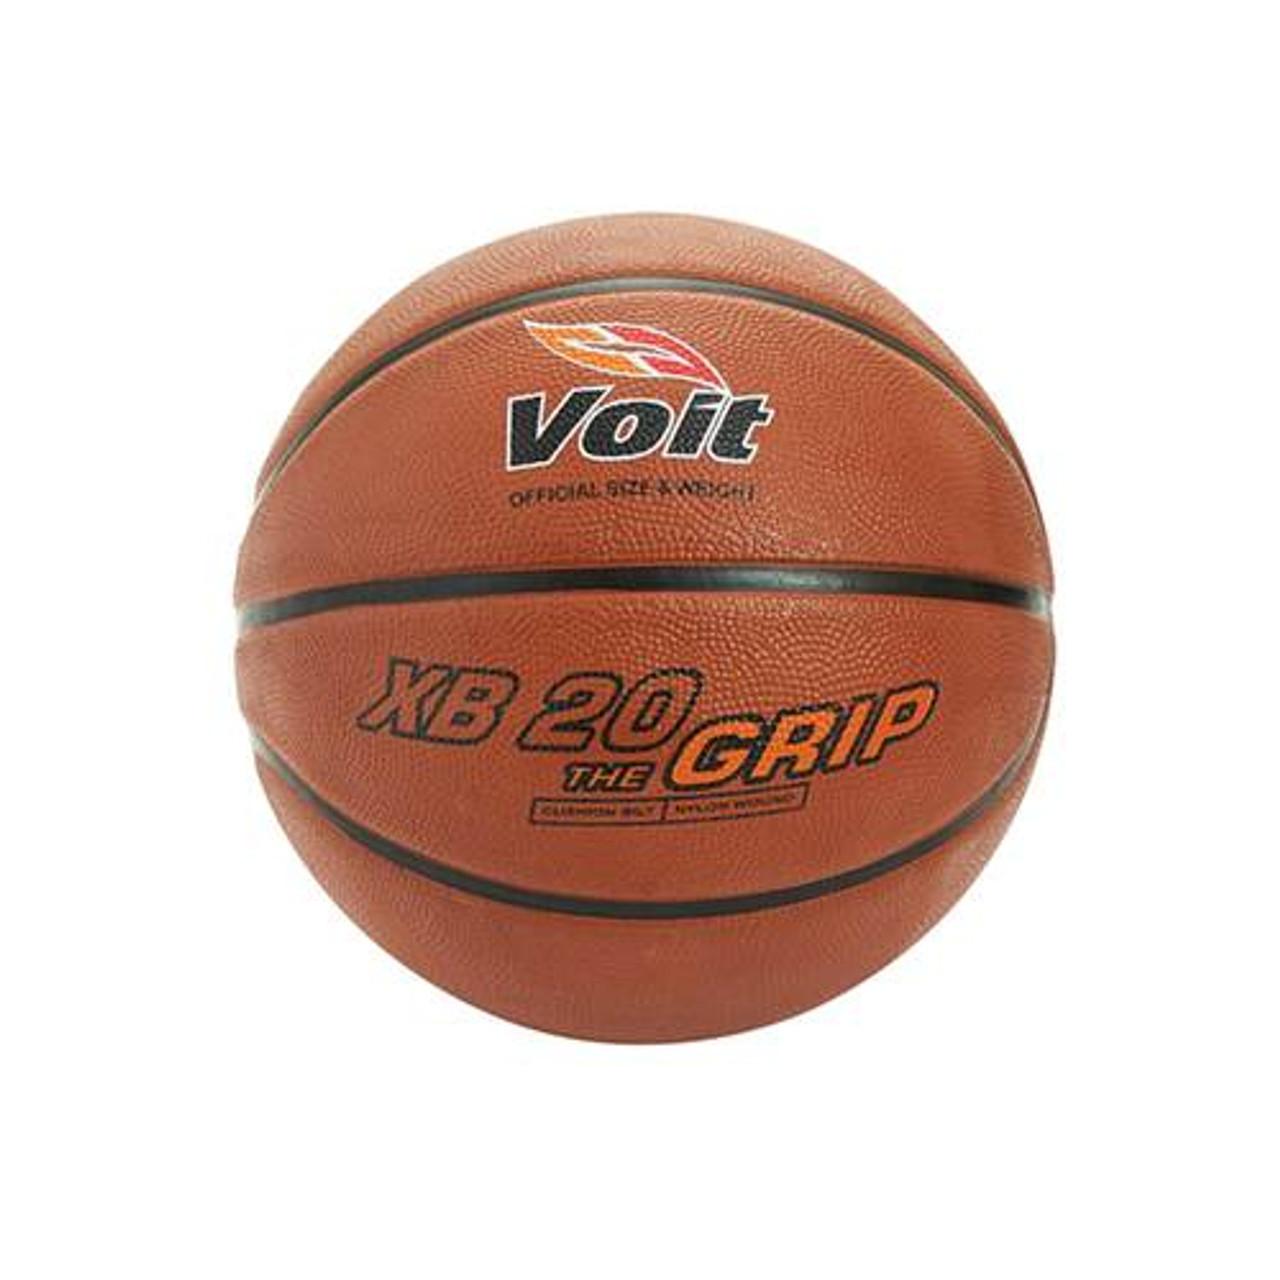 Voit XB 20 The Grip Indoor/Outdoor Basketball